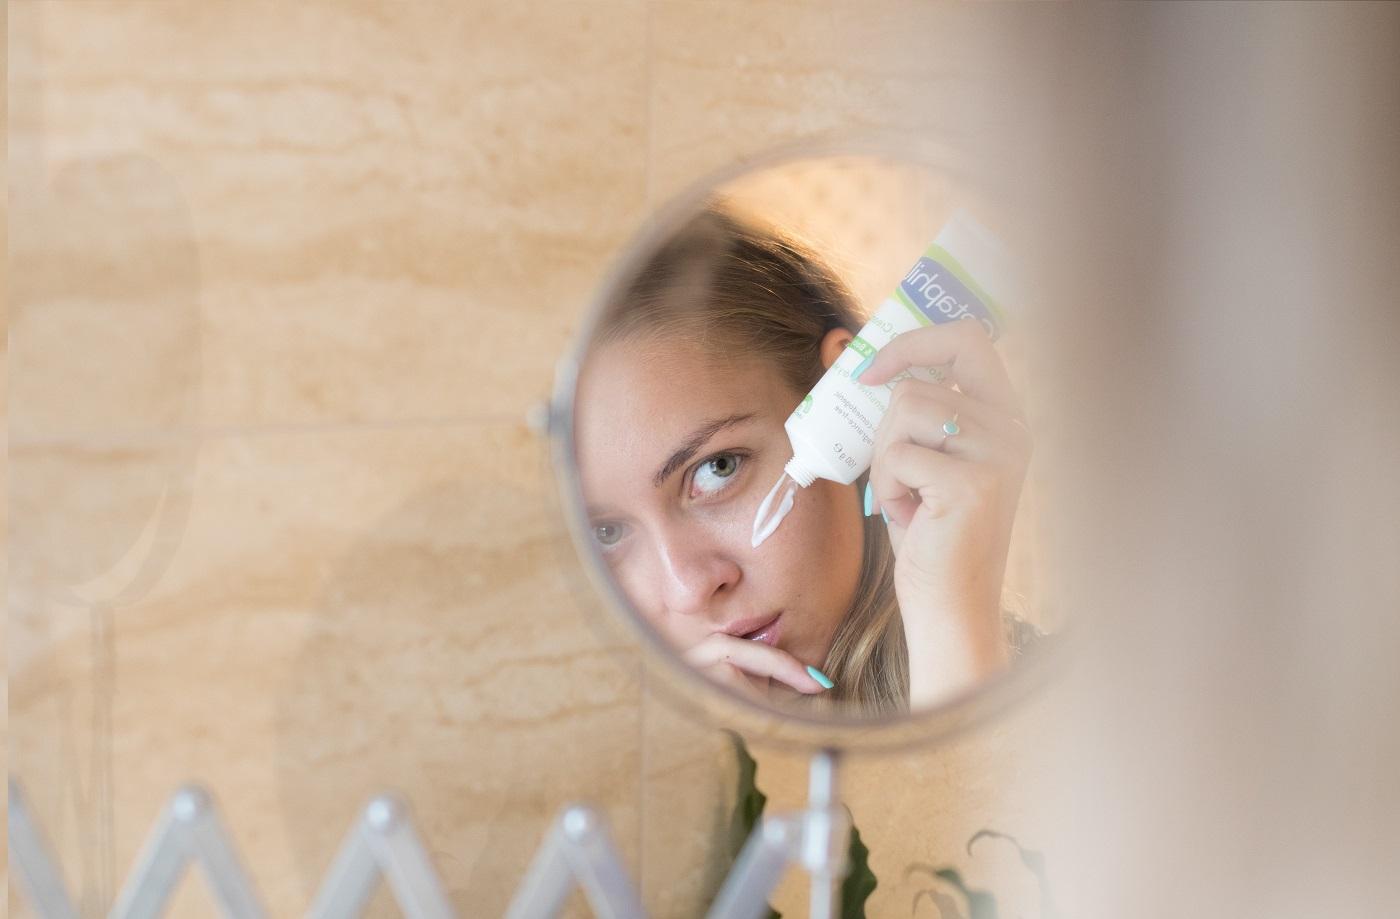 hogyan kell kezelni a pikkelysmr szoptats alatt